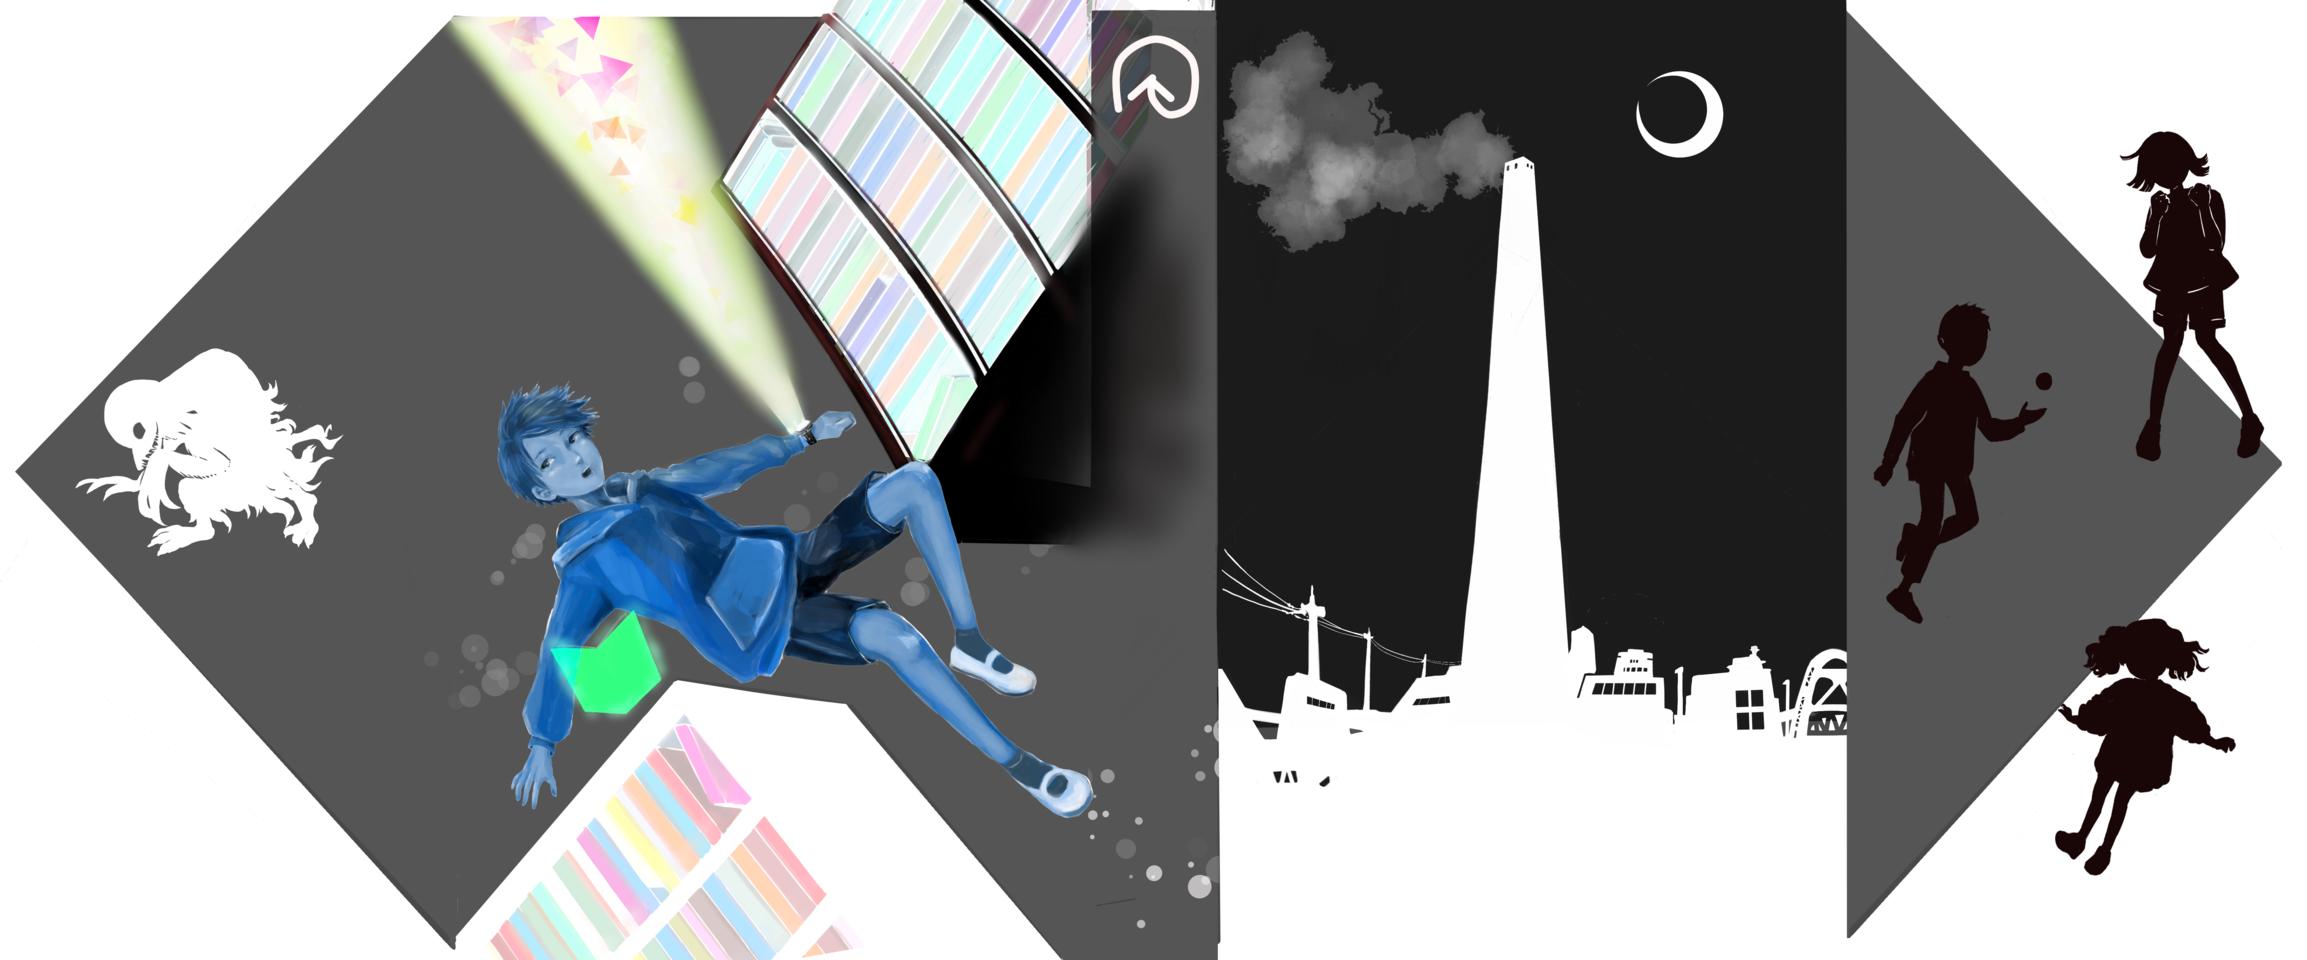 小説『ぐるりと』カバーイラスト募集コンテスト Illust of Megane Spinning_contest